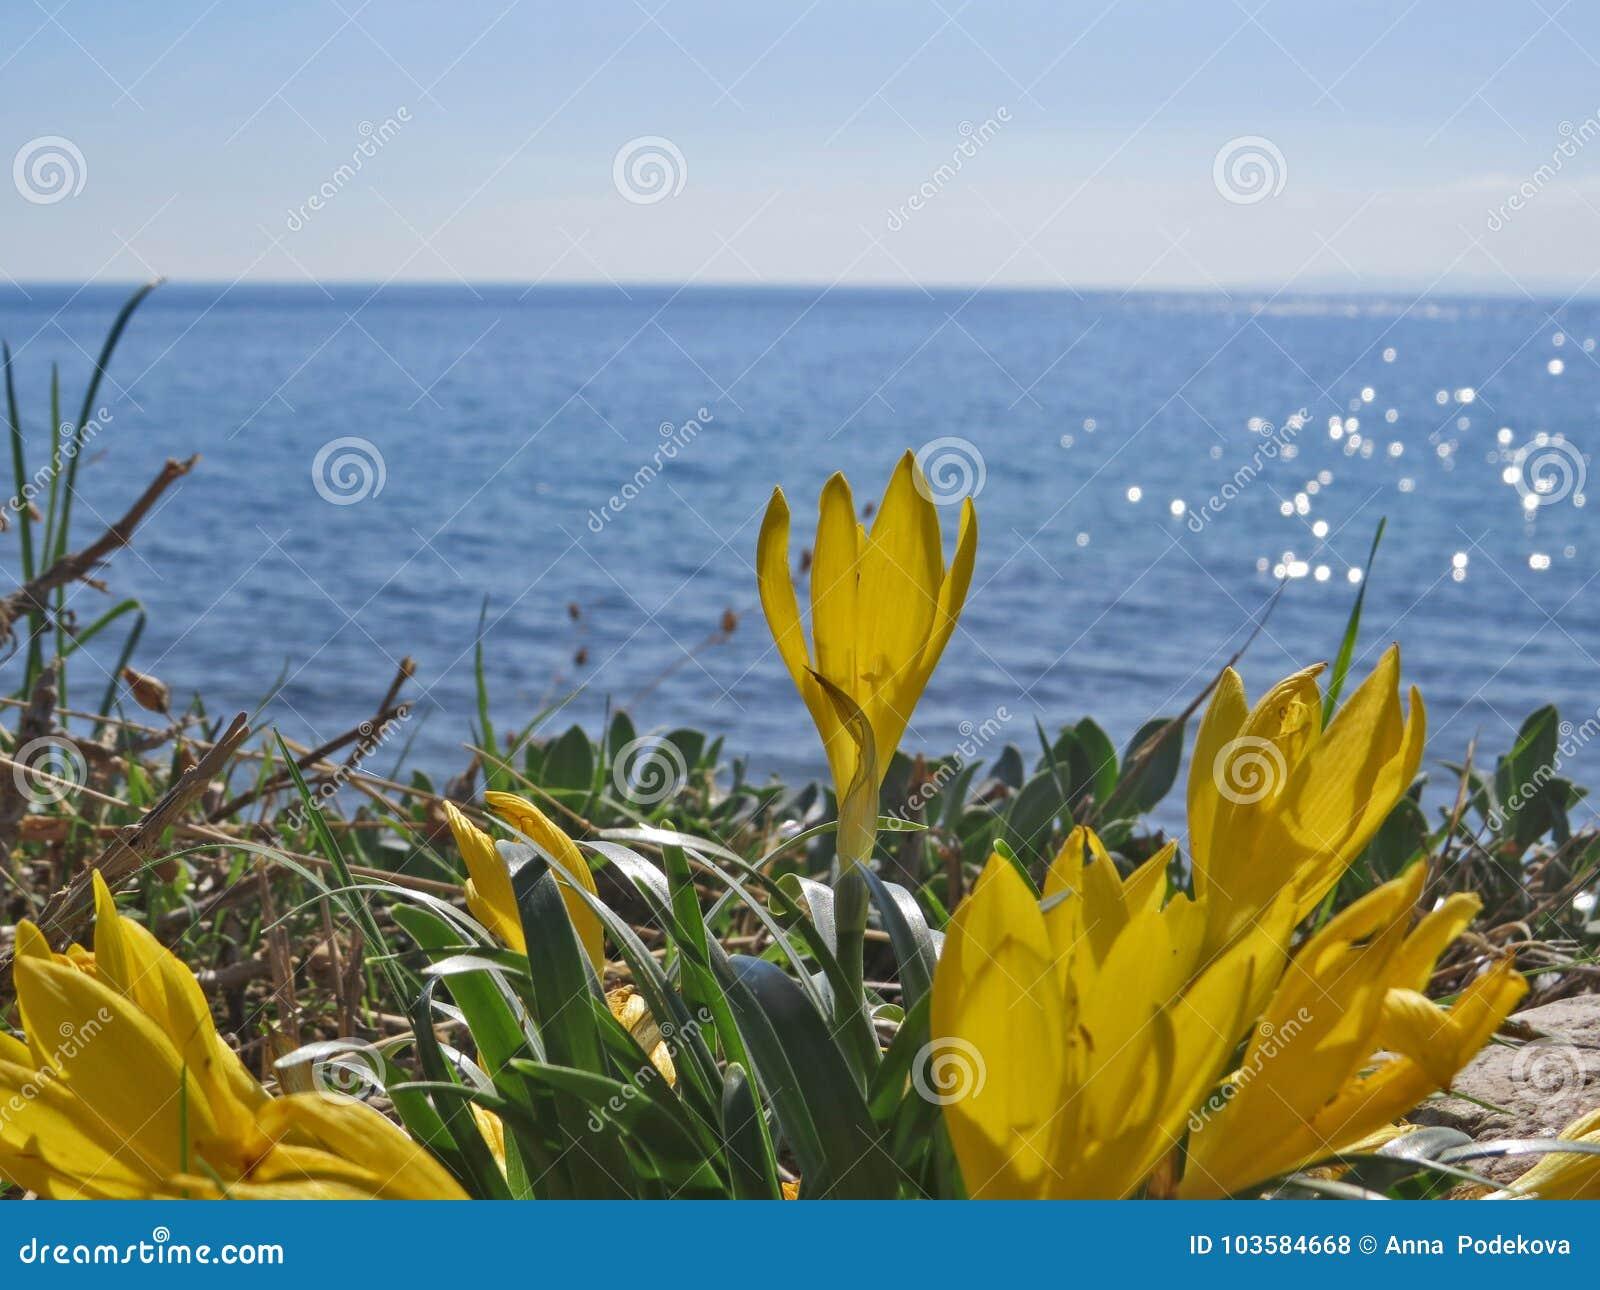 Crocus flowers on the blue aegean sea background